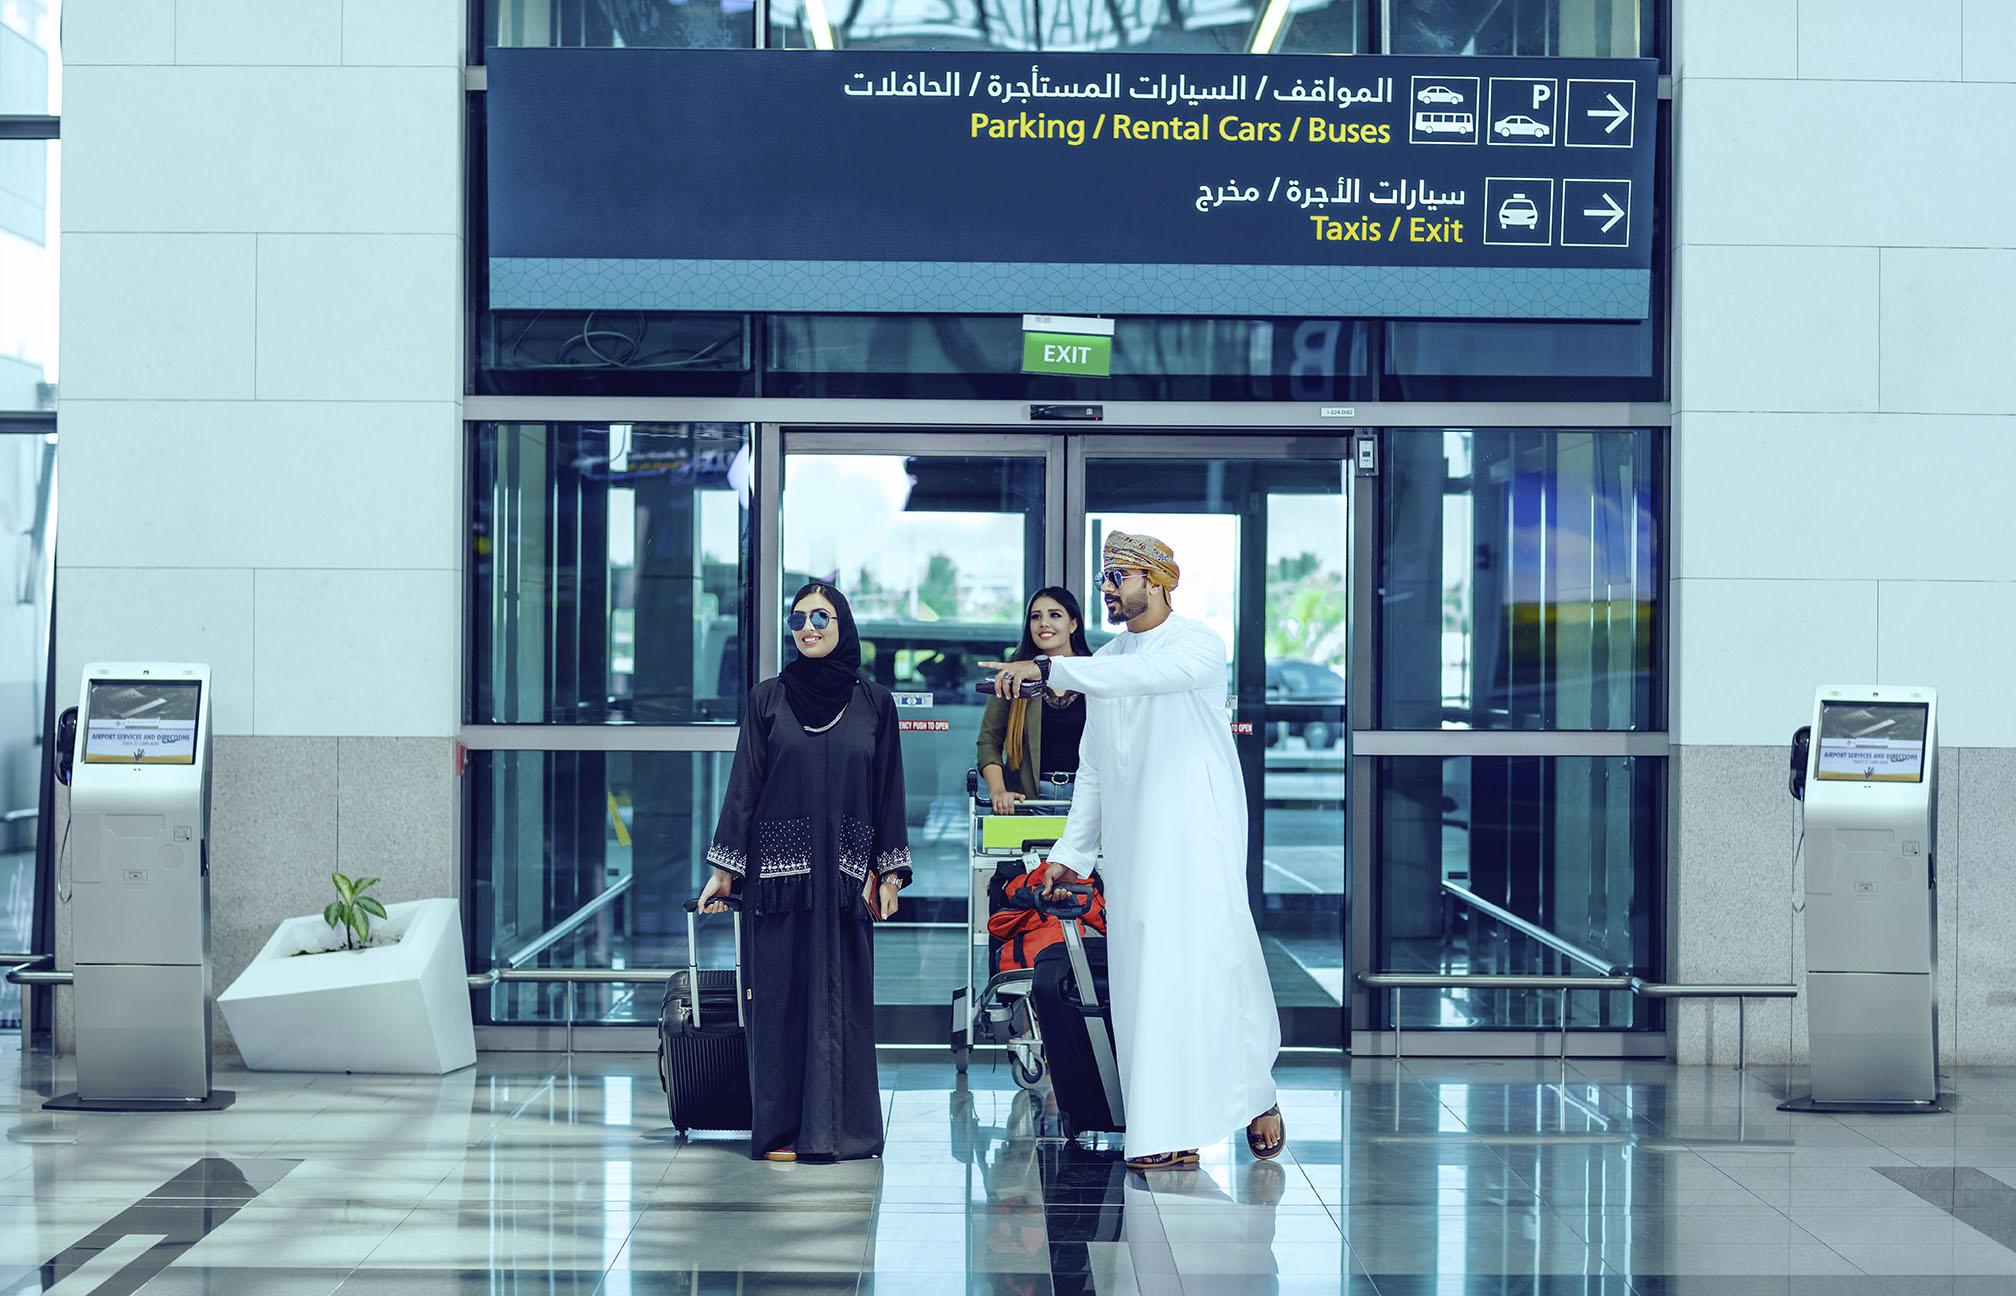 مطار صلالة يتوقع استقبال 4 آلاف مسافر يوميا في موسم الخريف السياحي